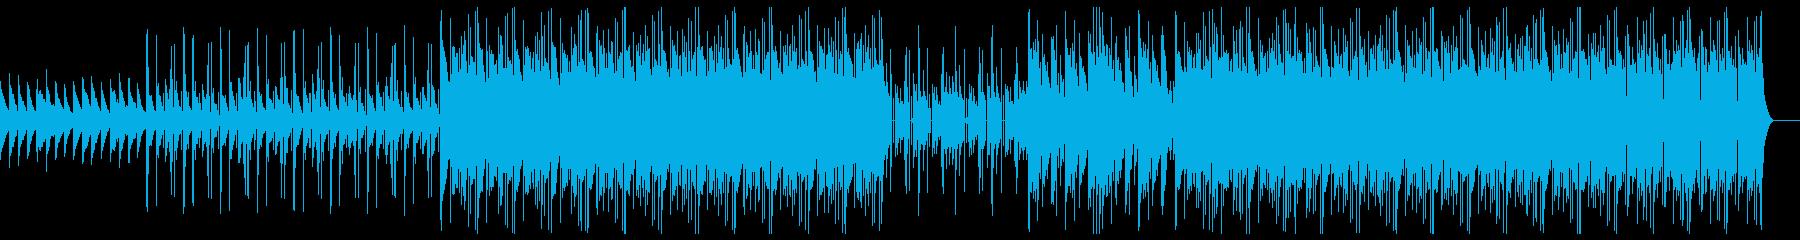 幻想的で切ないトラップビートの再生済みの波形